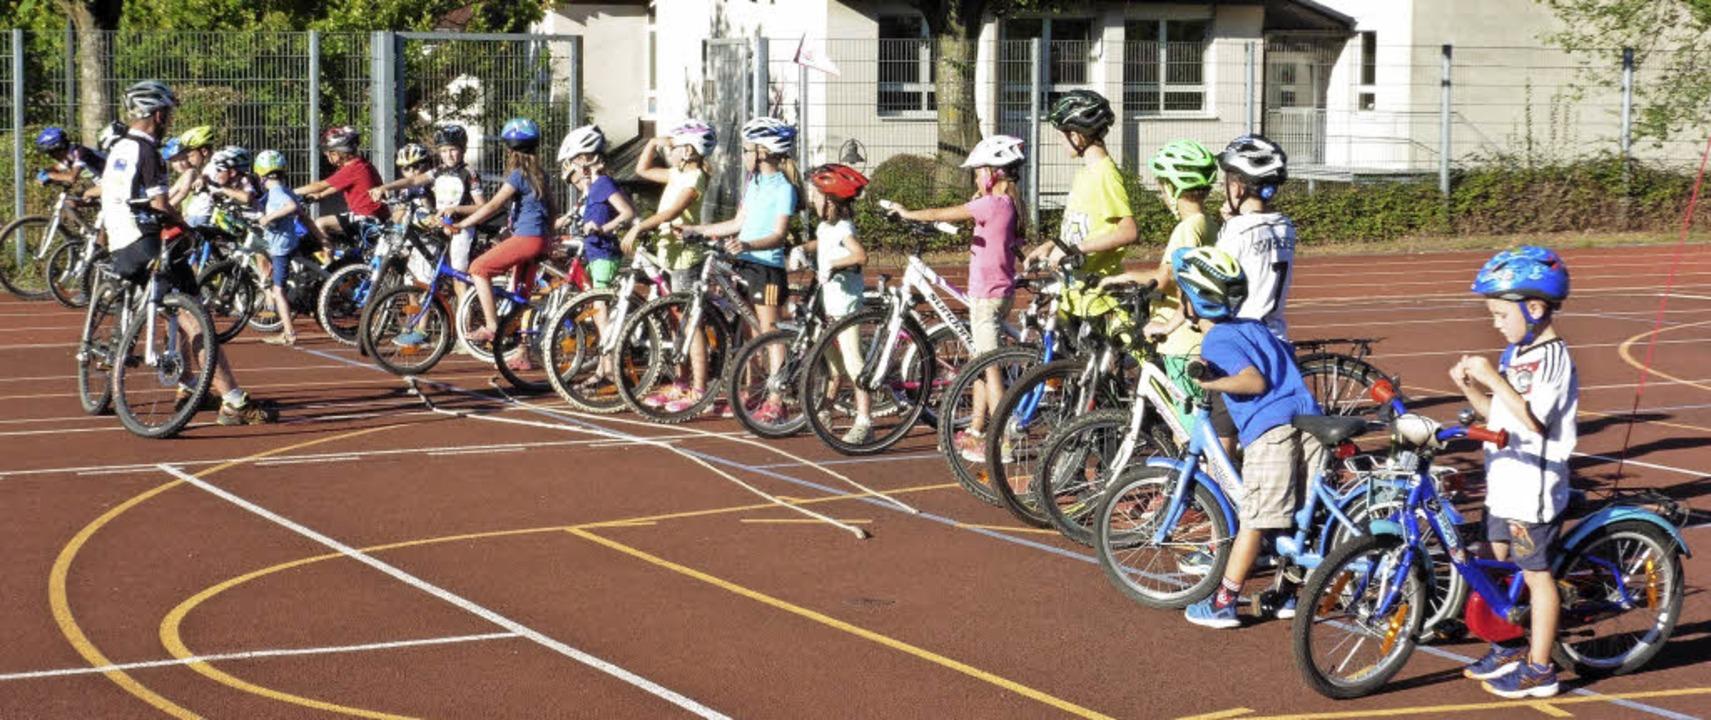 Die Jugendarbeit wird bei der Radsport...und wie man sieht, fängt sie früh an.     Foto: Privat